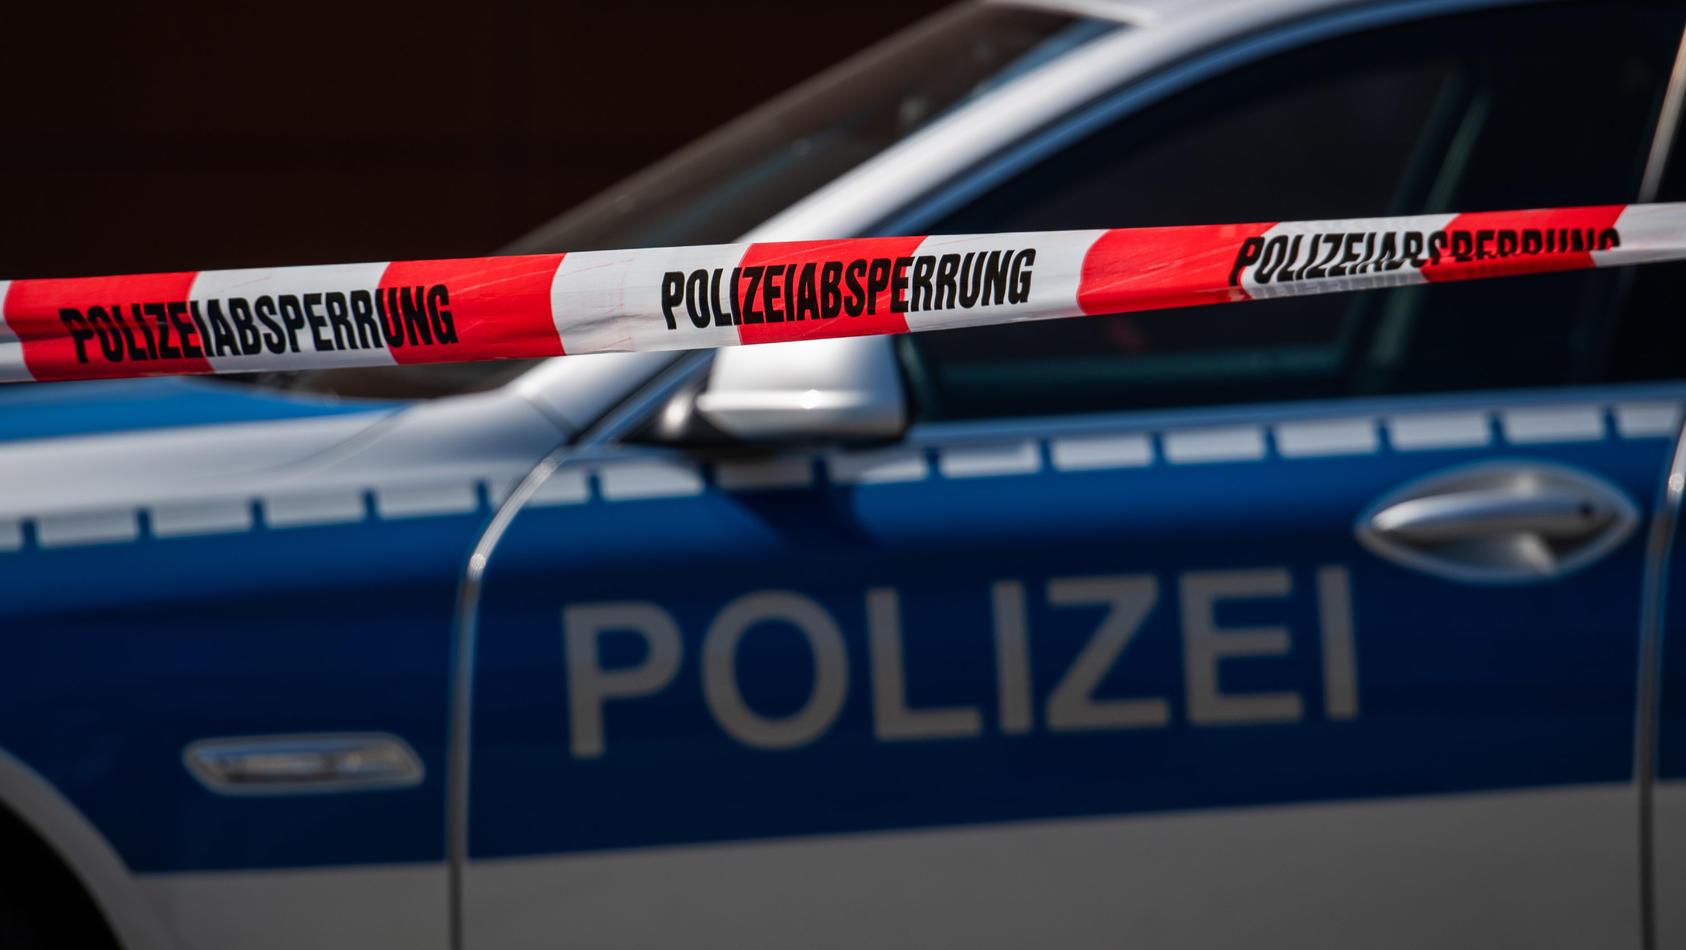 Die Polizei rückte am Montagabend zu einem Gebäude in  Leipzig Lindenau aus, um zwei vermeintlich entführte Mädchen aus einem Gebäude zu befreien